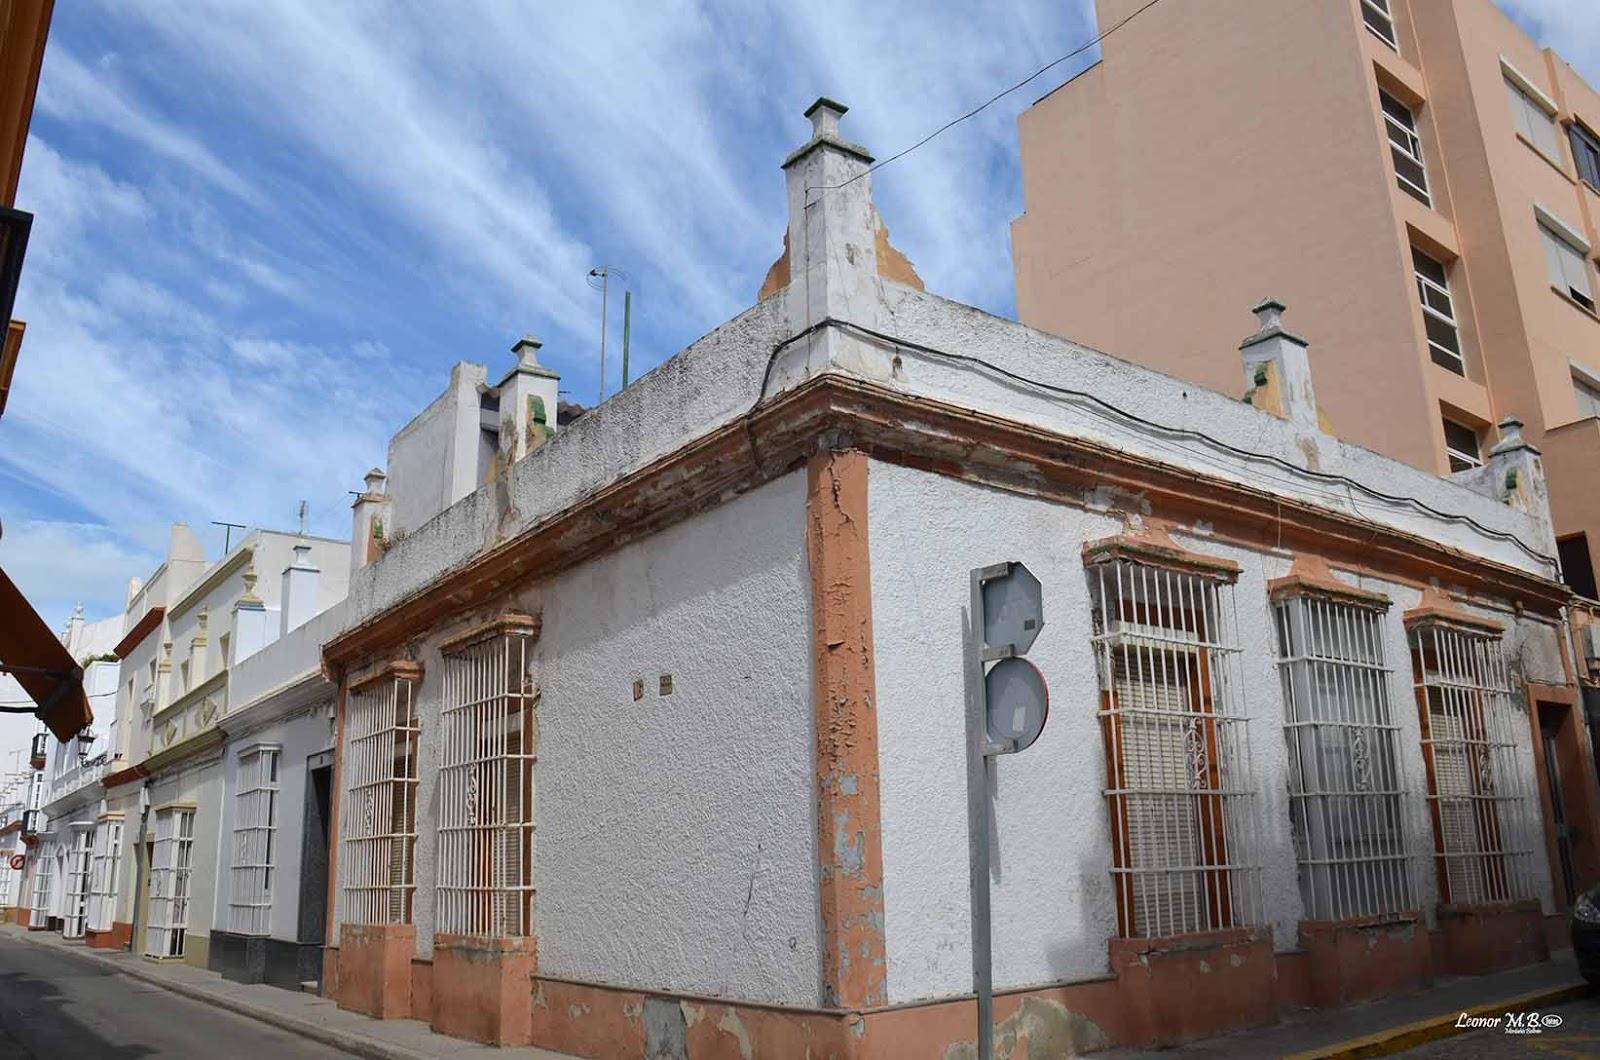 San fernando ayer y hoy y otras historias calle - Rotulos sanchez ...